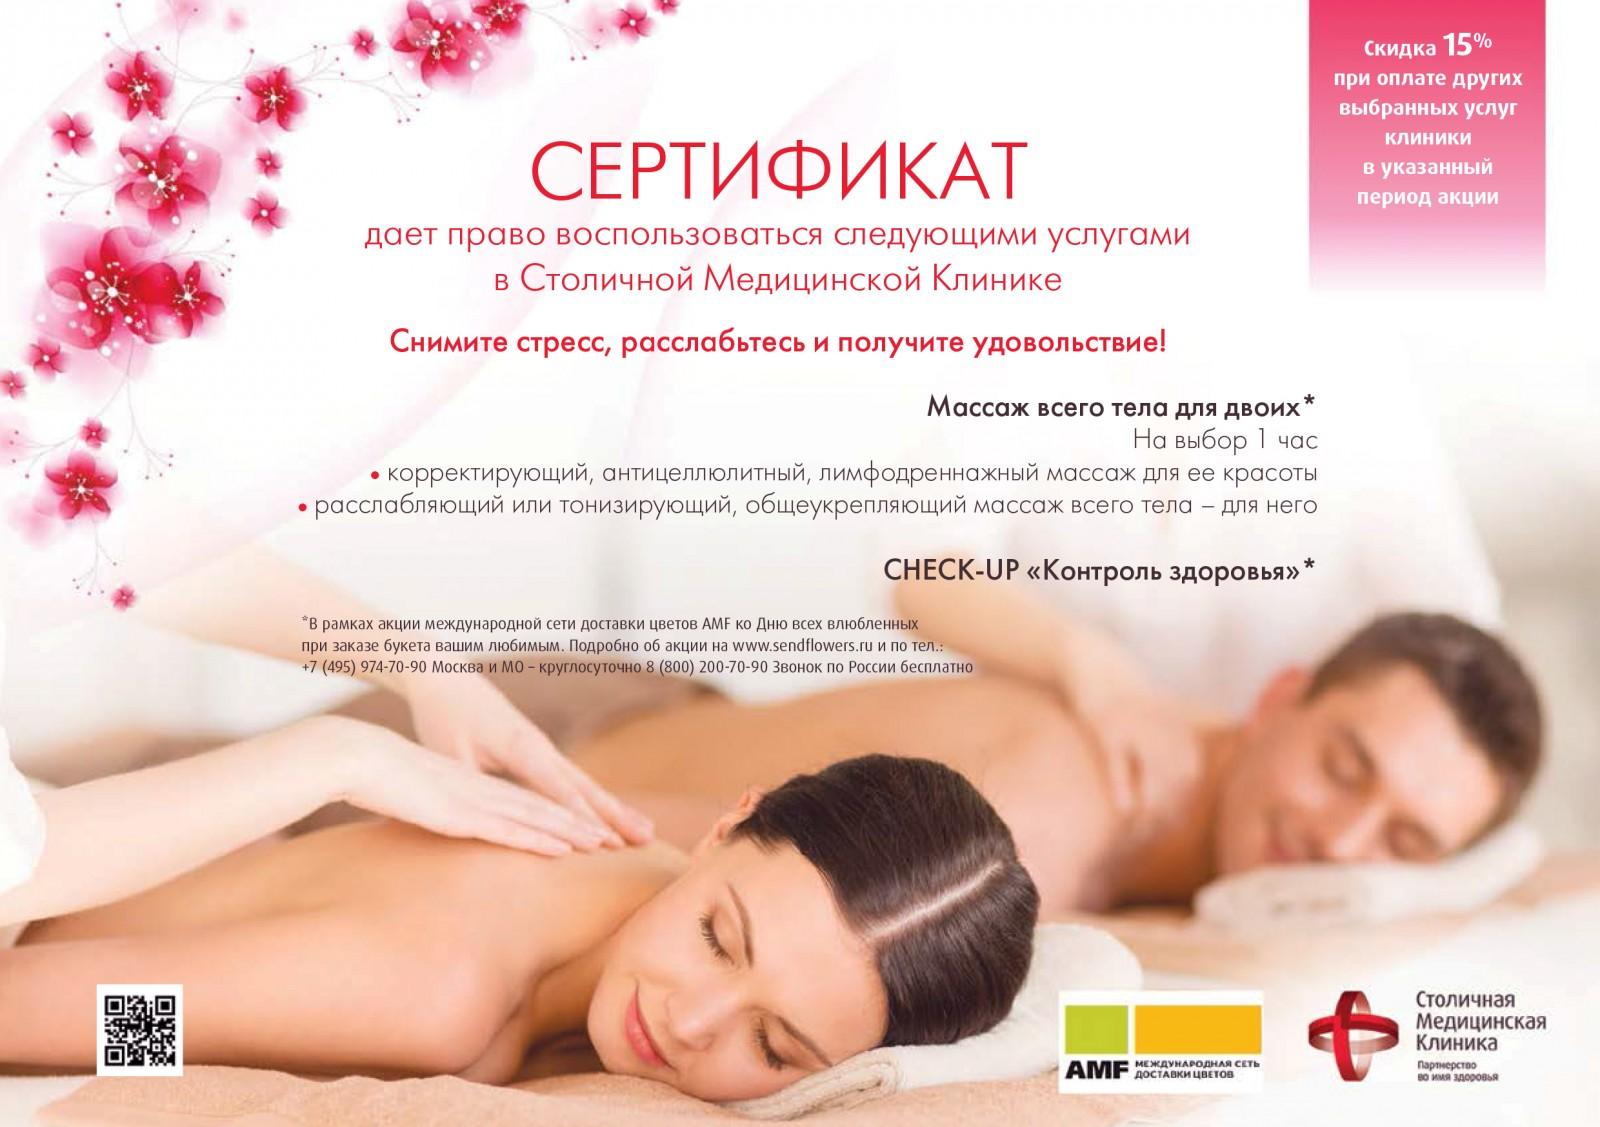 Сертификат на массаж в подарок для двоих 61